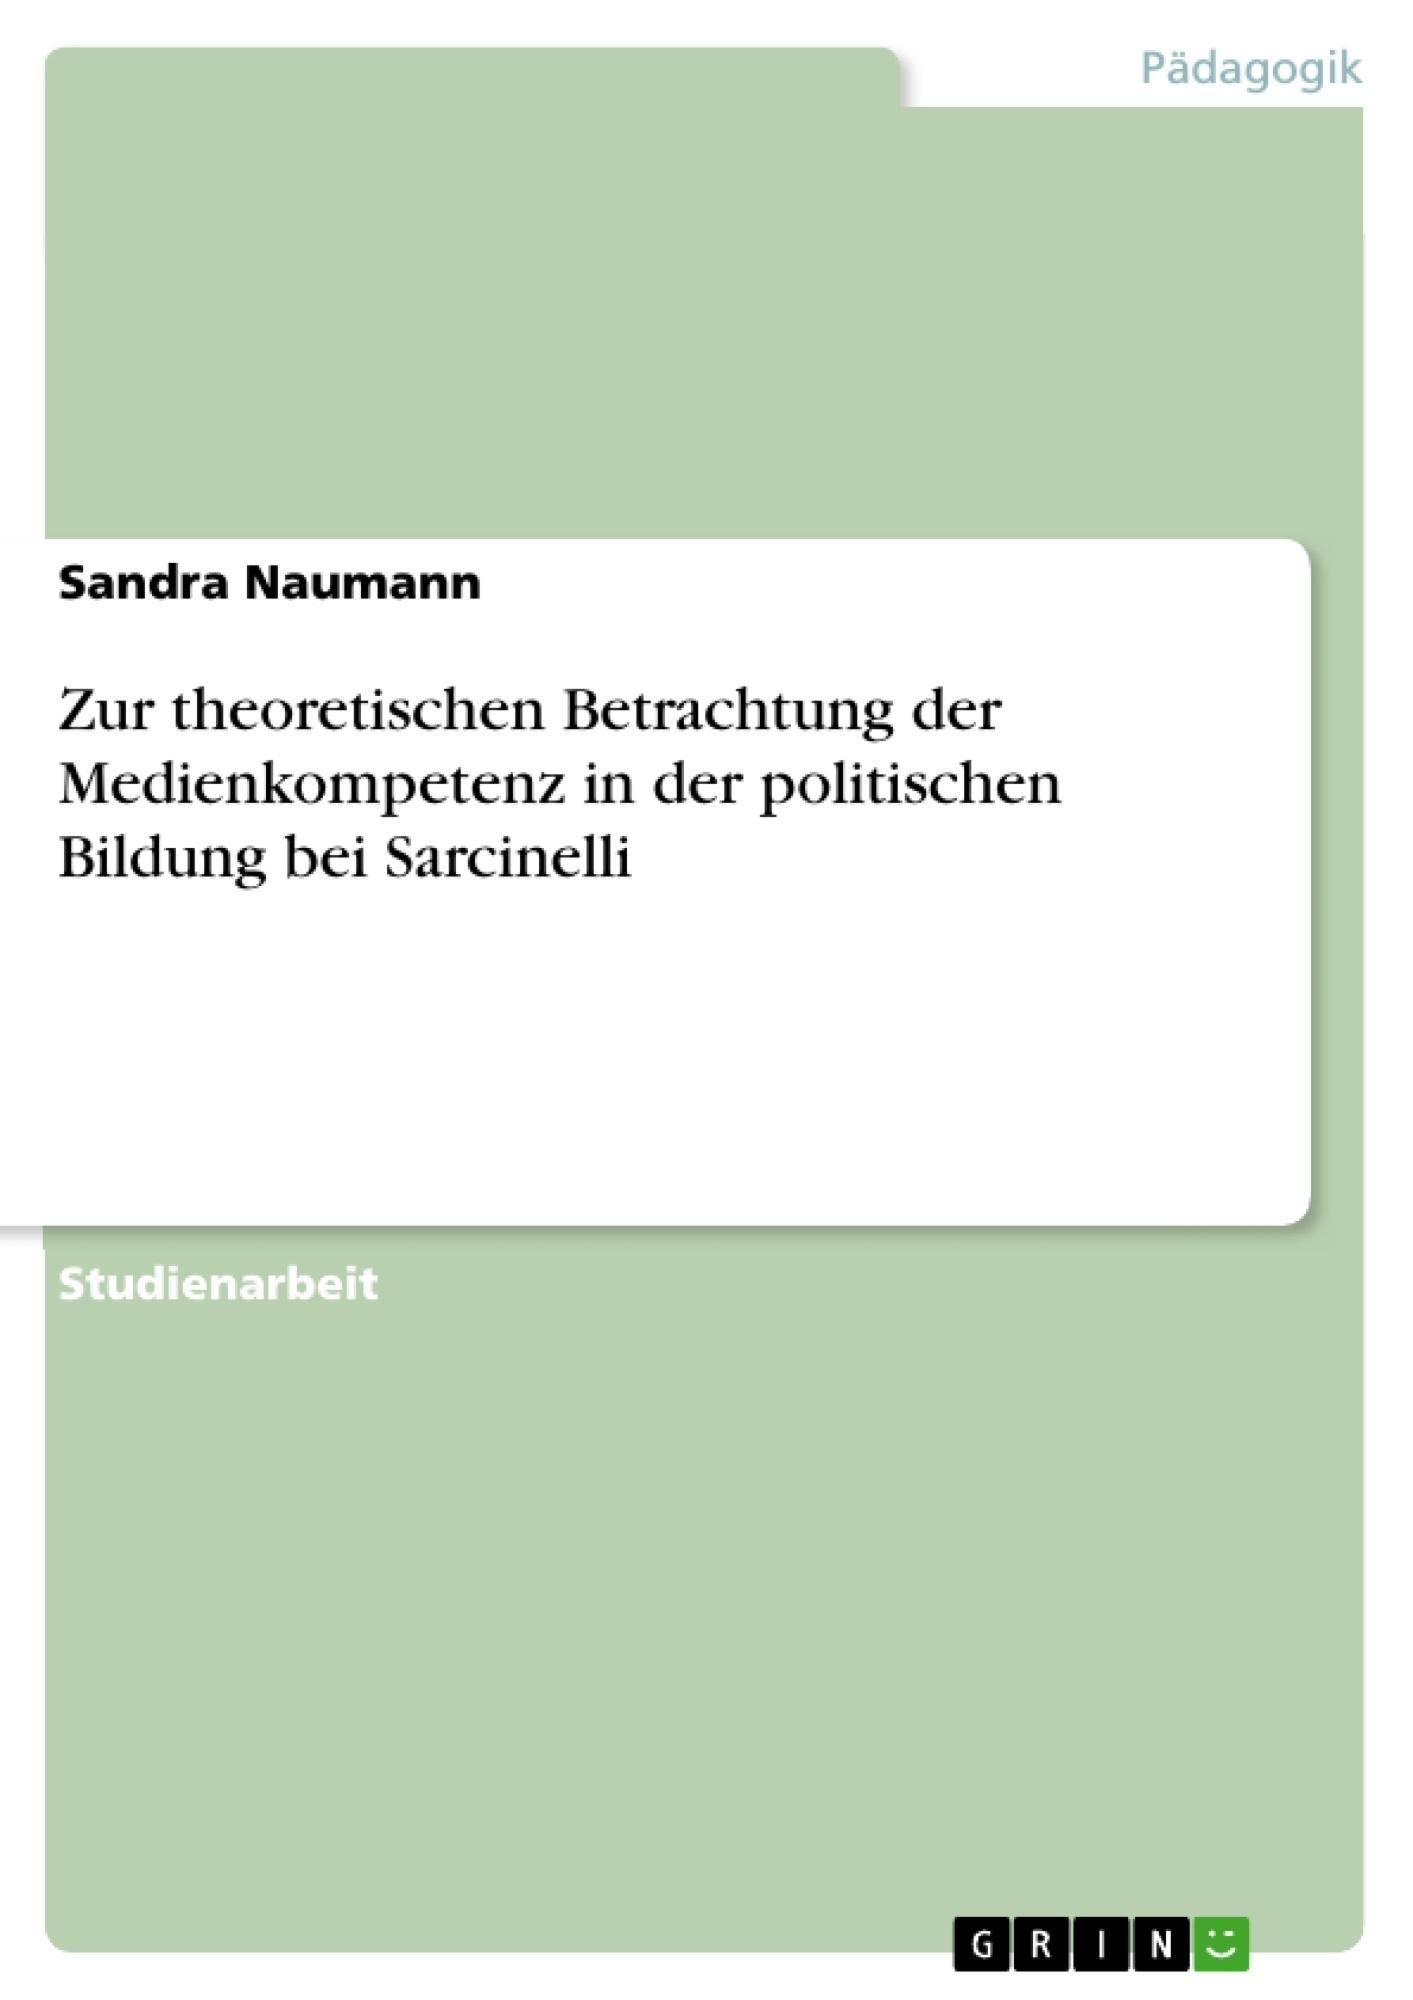 Titel: Zur theoretischen Betrachtung der Medienkompetenz in der politischen Bildung bei Sarcinelli